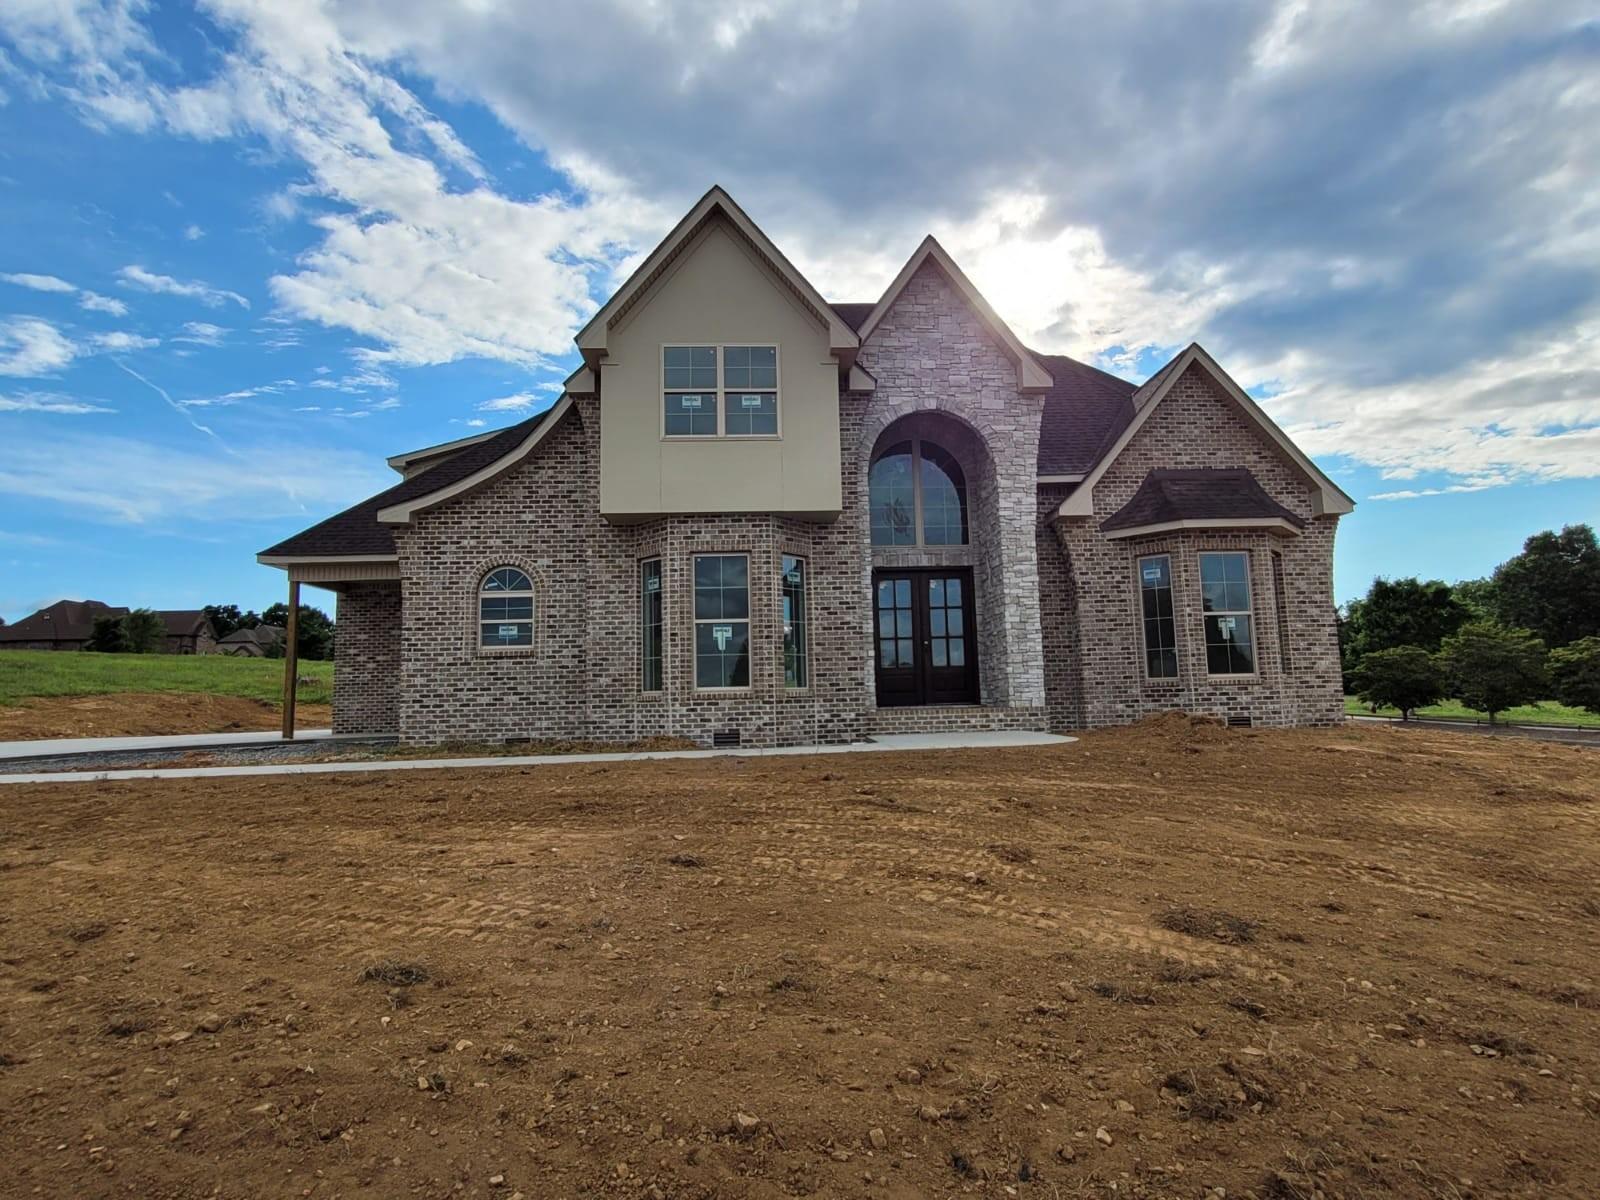 119 Stones Manor Property Photo 1